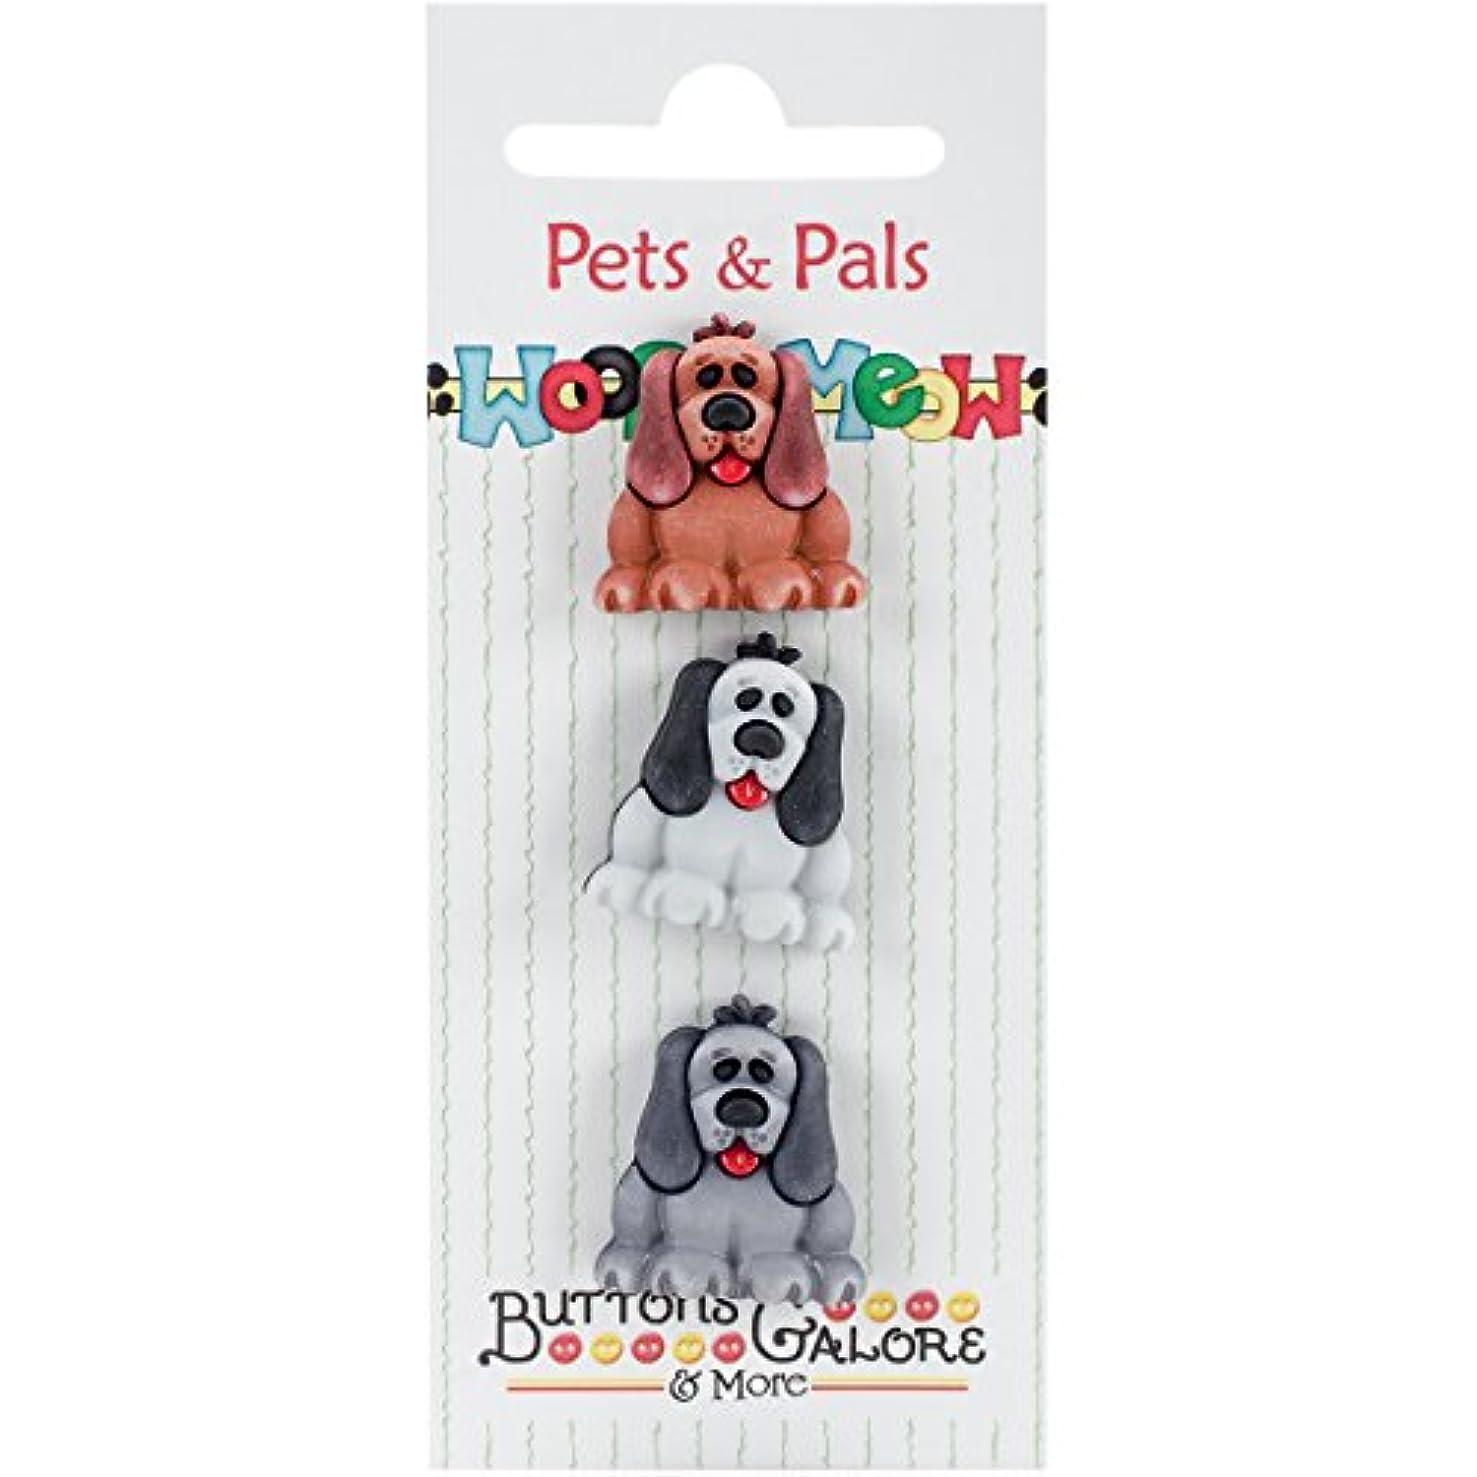 Buttons Galore PP122 Pets & Pals Buttons (3 Pack), Pups, Multicolor